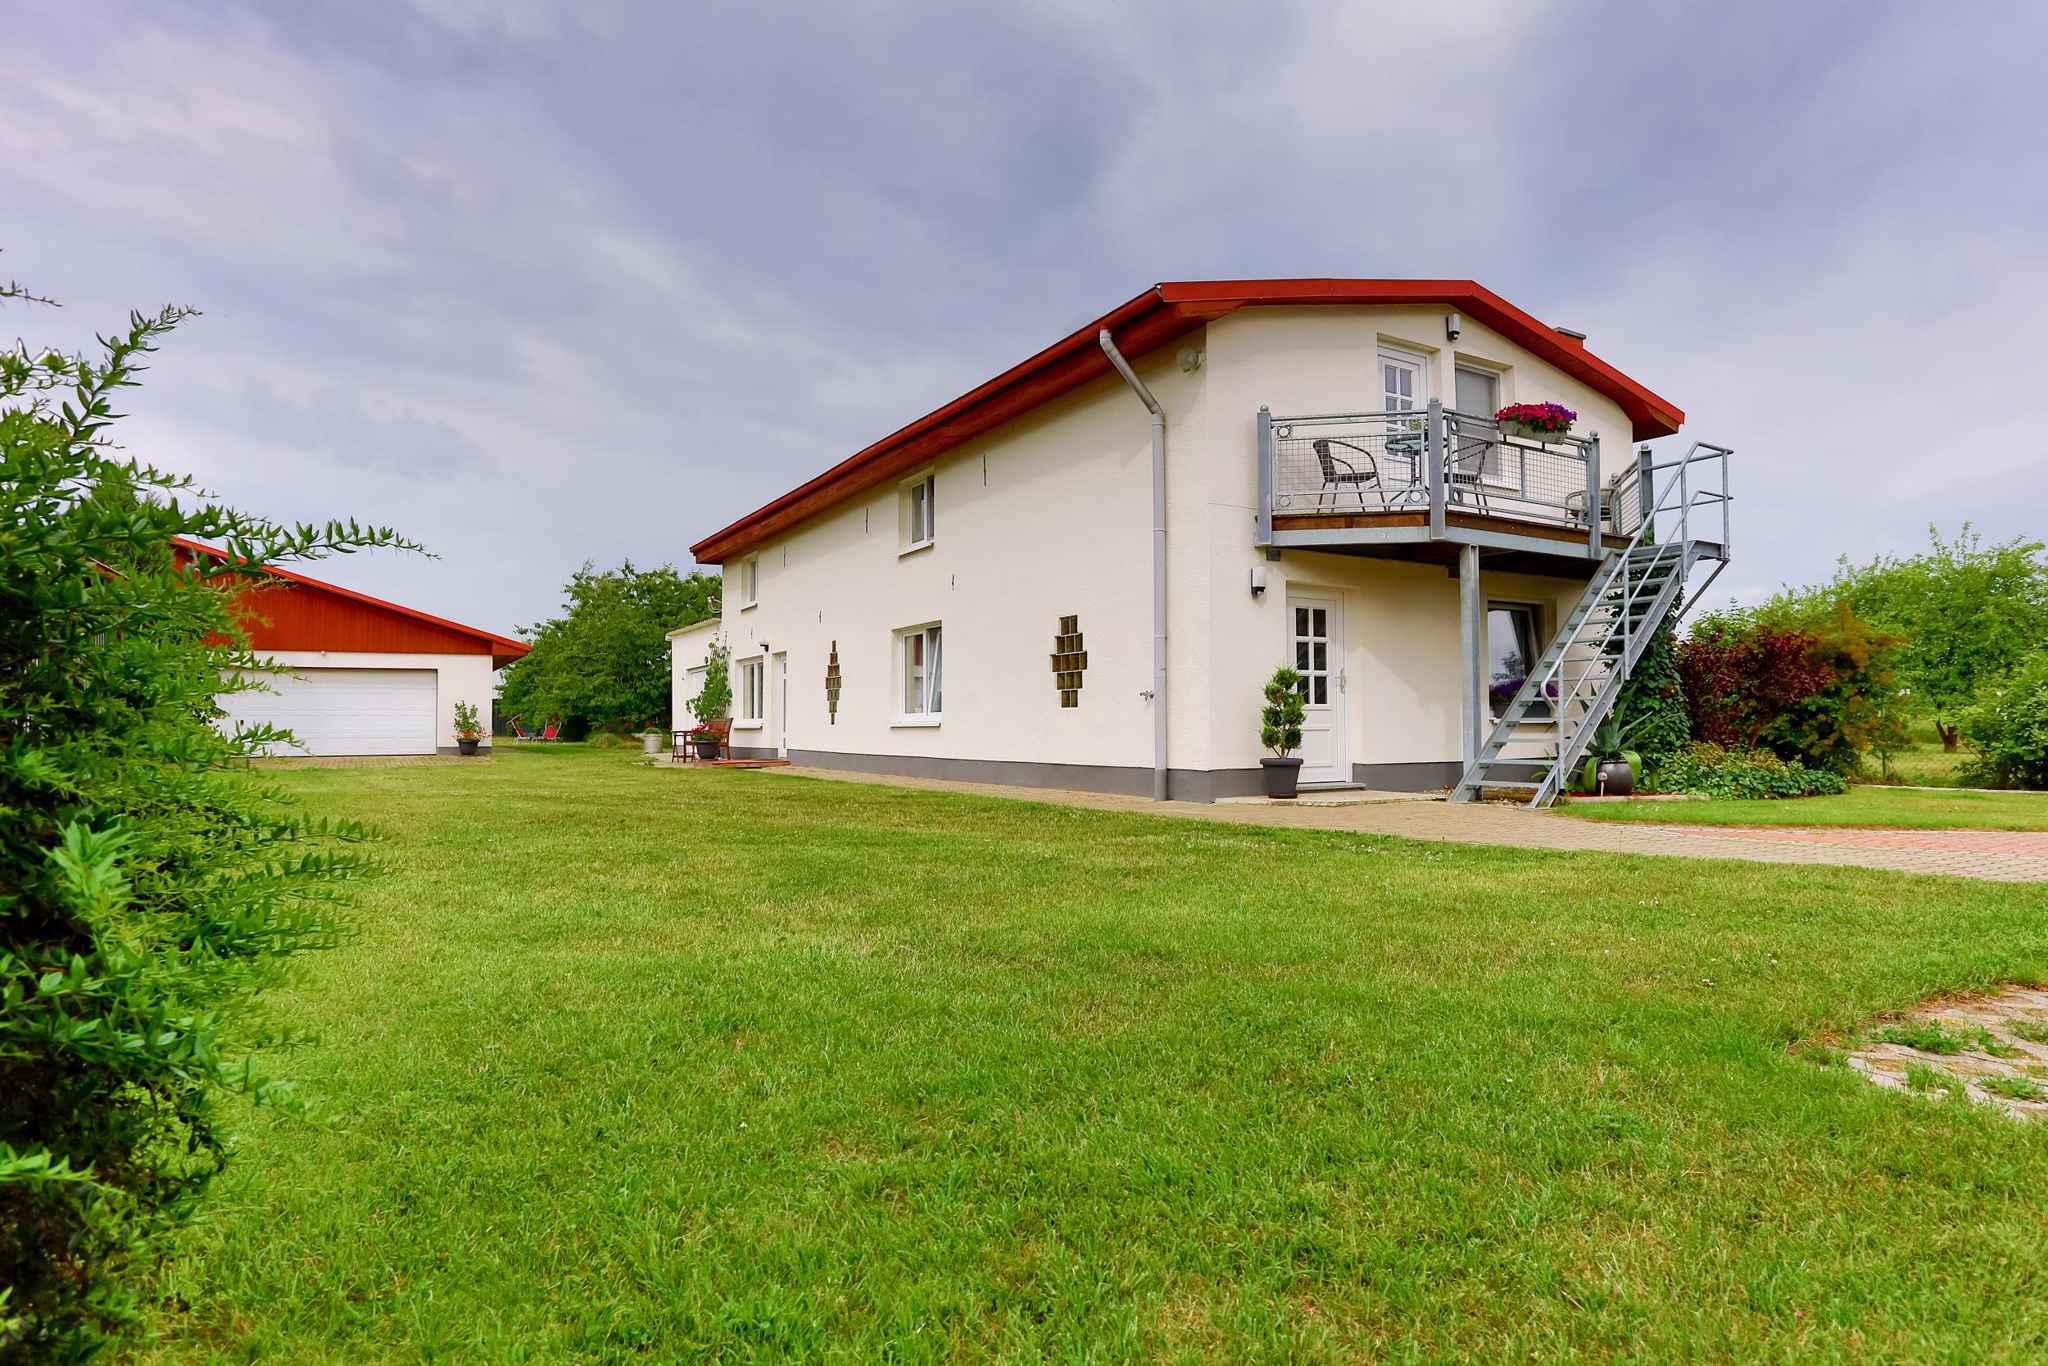 Ferienhaus mit Grillterrasse und Garten (606879), Groß Kordshagen, Stralsund, Mecklenburg-Vorpommern, Deutschland, Bild 2